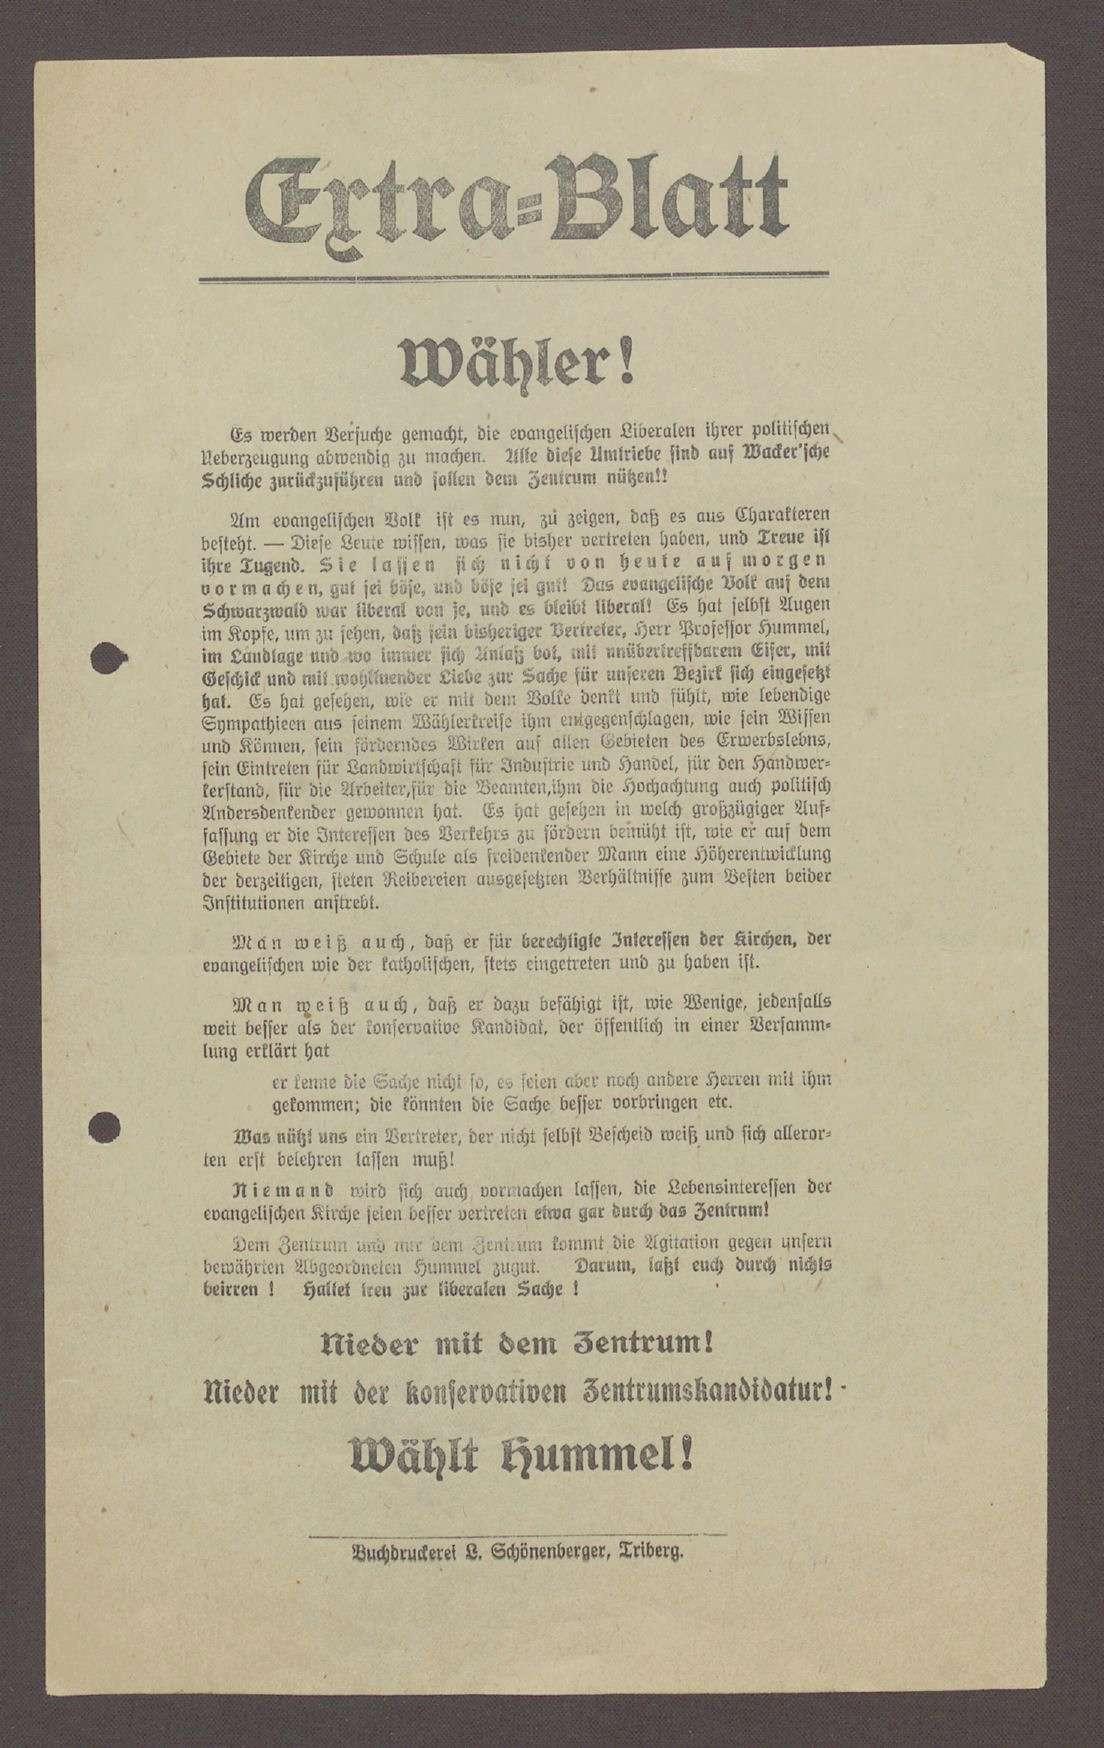 """Flugblatt: """"Extra-Blatt. Wähler!...Wählt Hummel!"""", Fortschrittliche Volkspartei, Buchdruckerei L. Schönenberger, Triberg, Bild 1"""